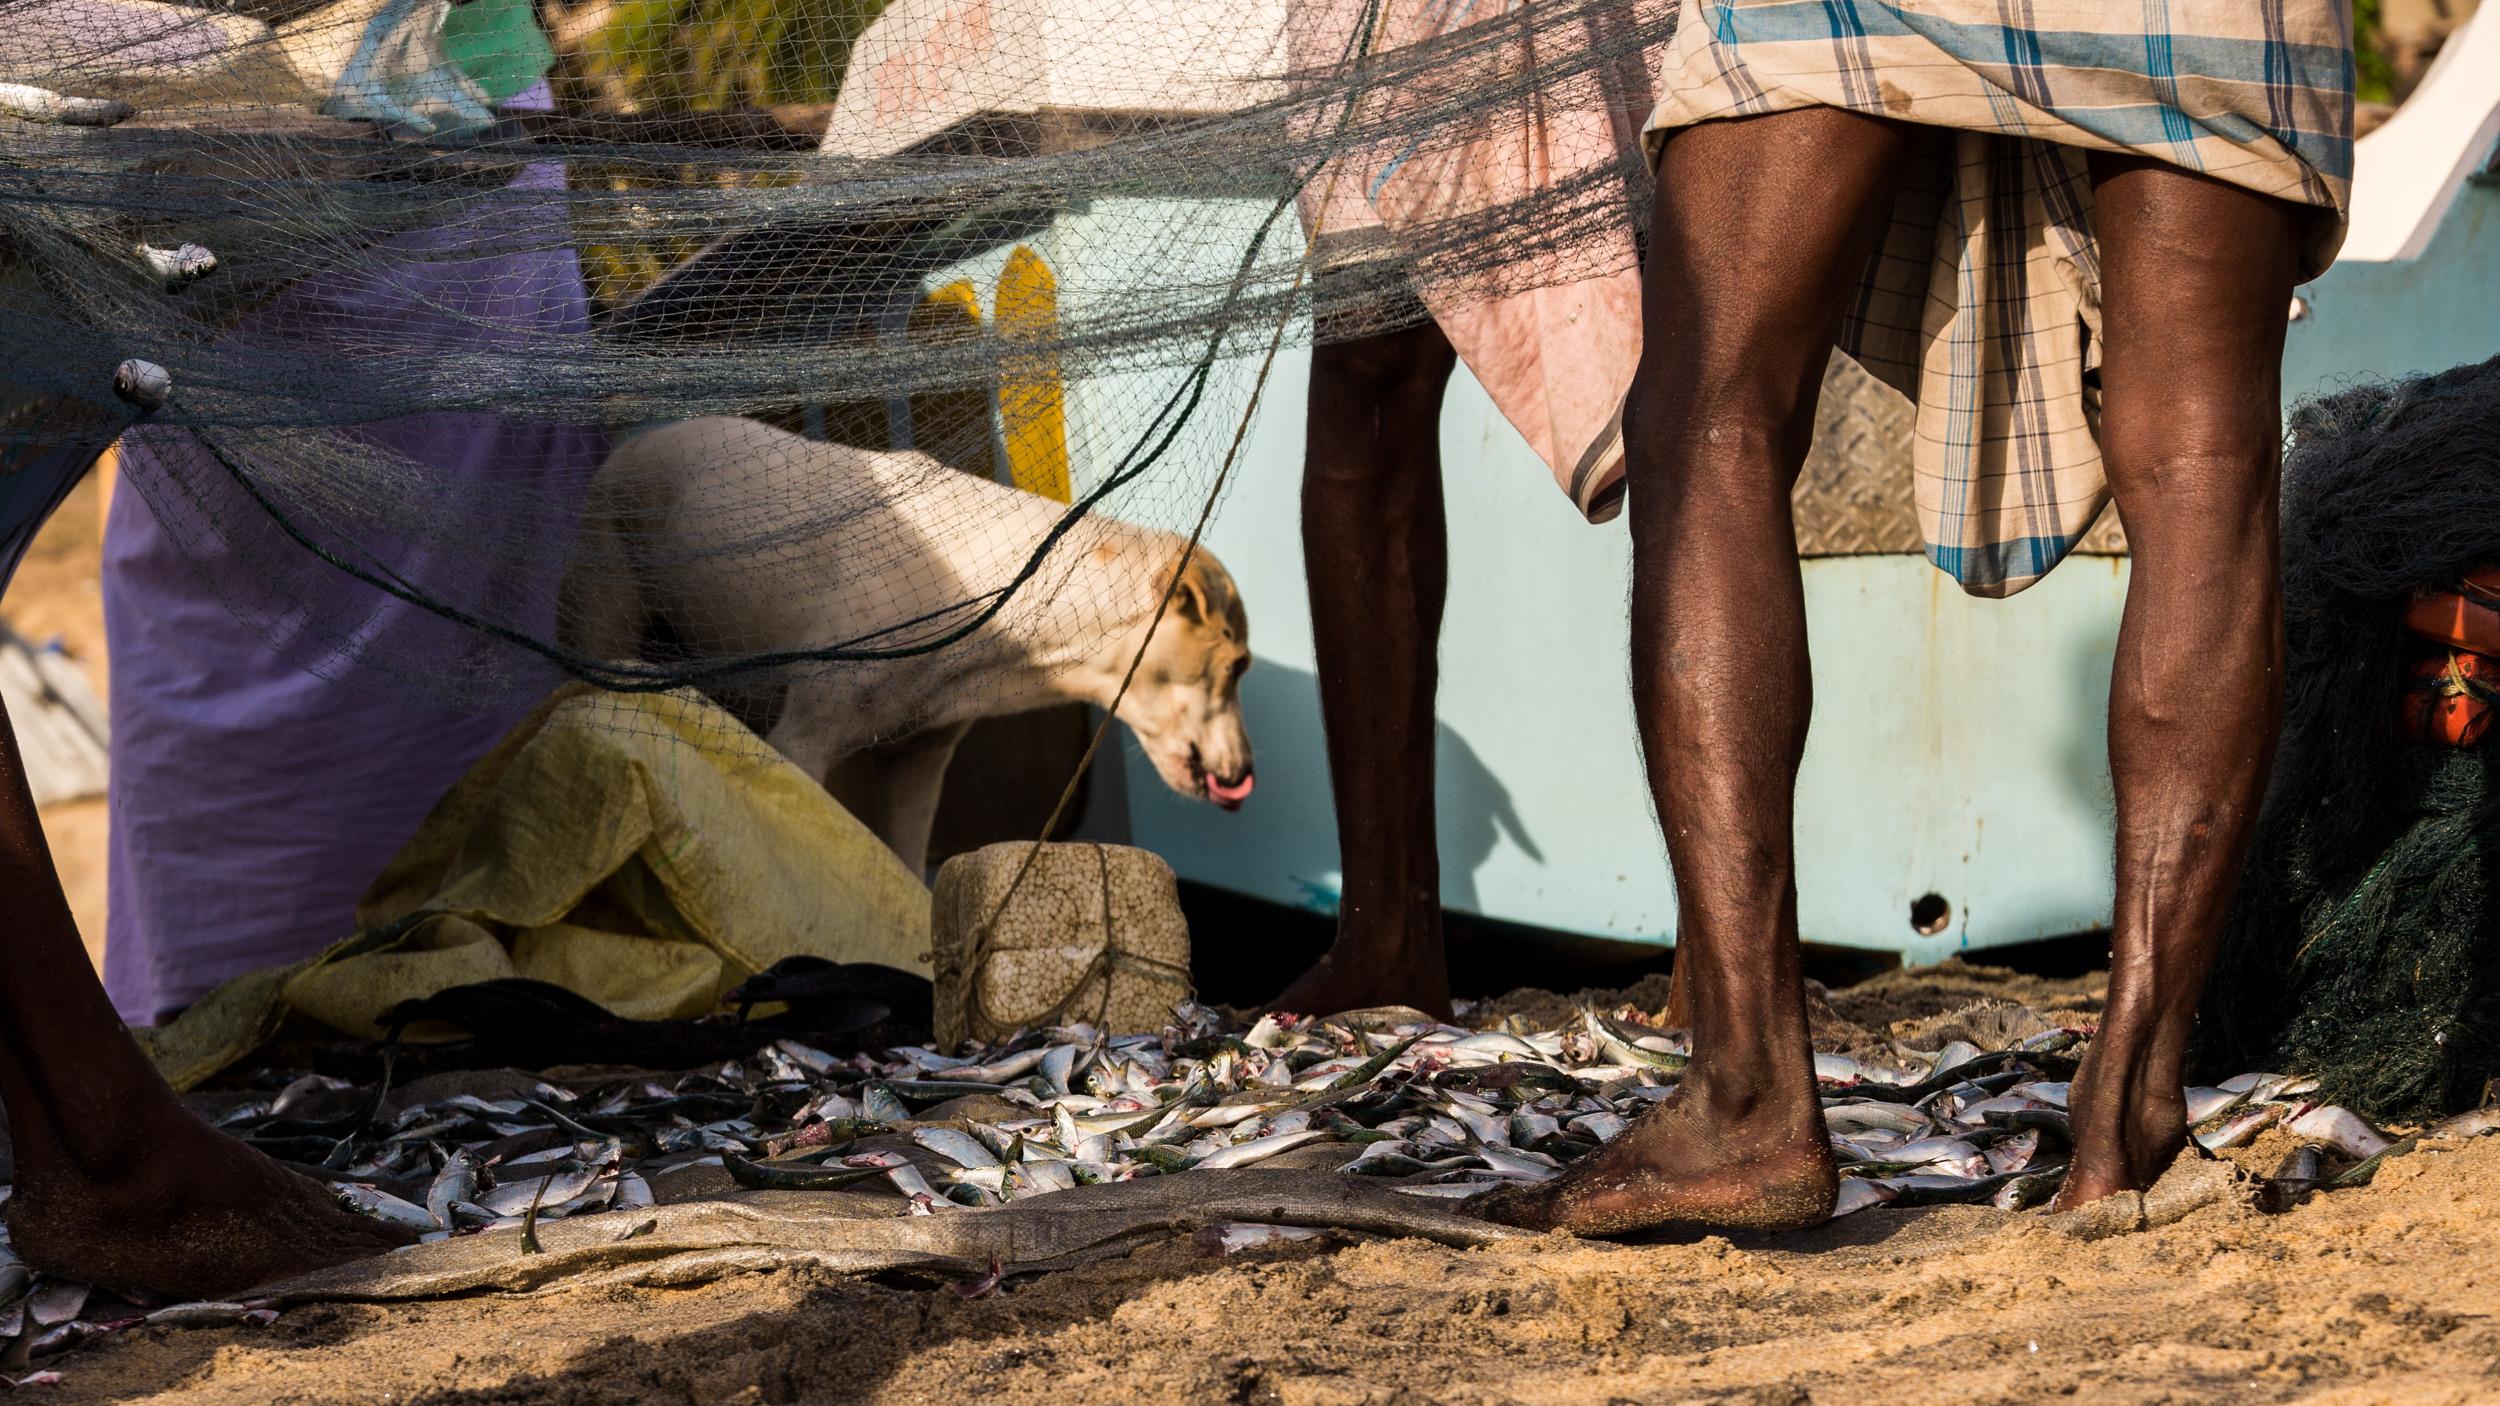 _4 Arugam bay Fishermen Dog amongst nets.jpg